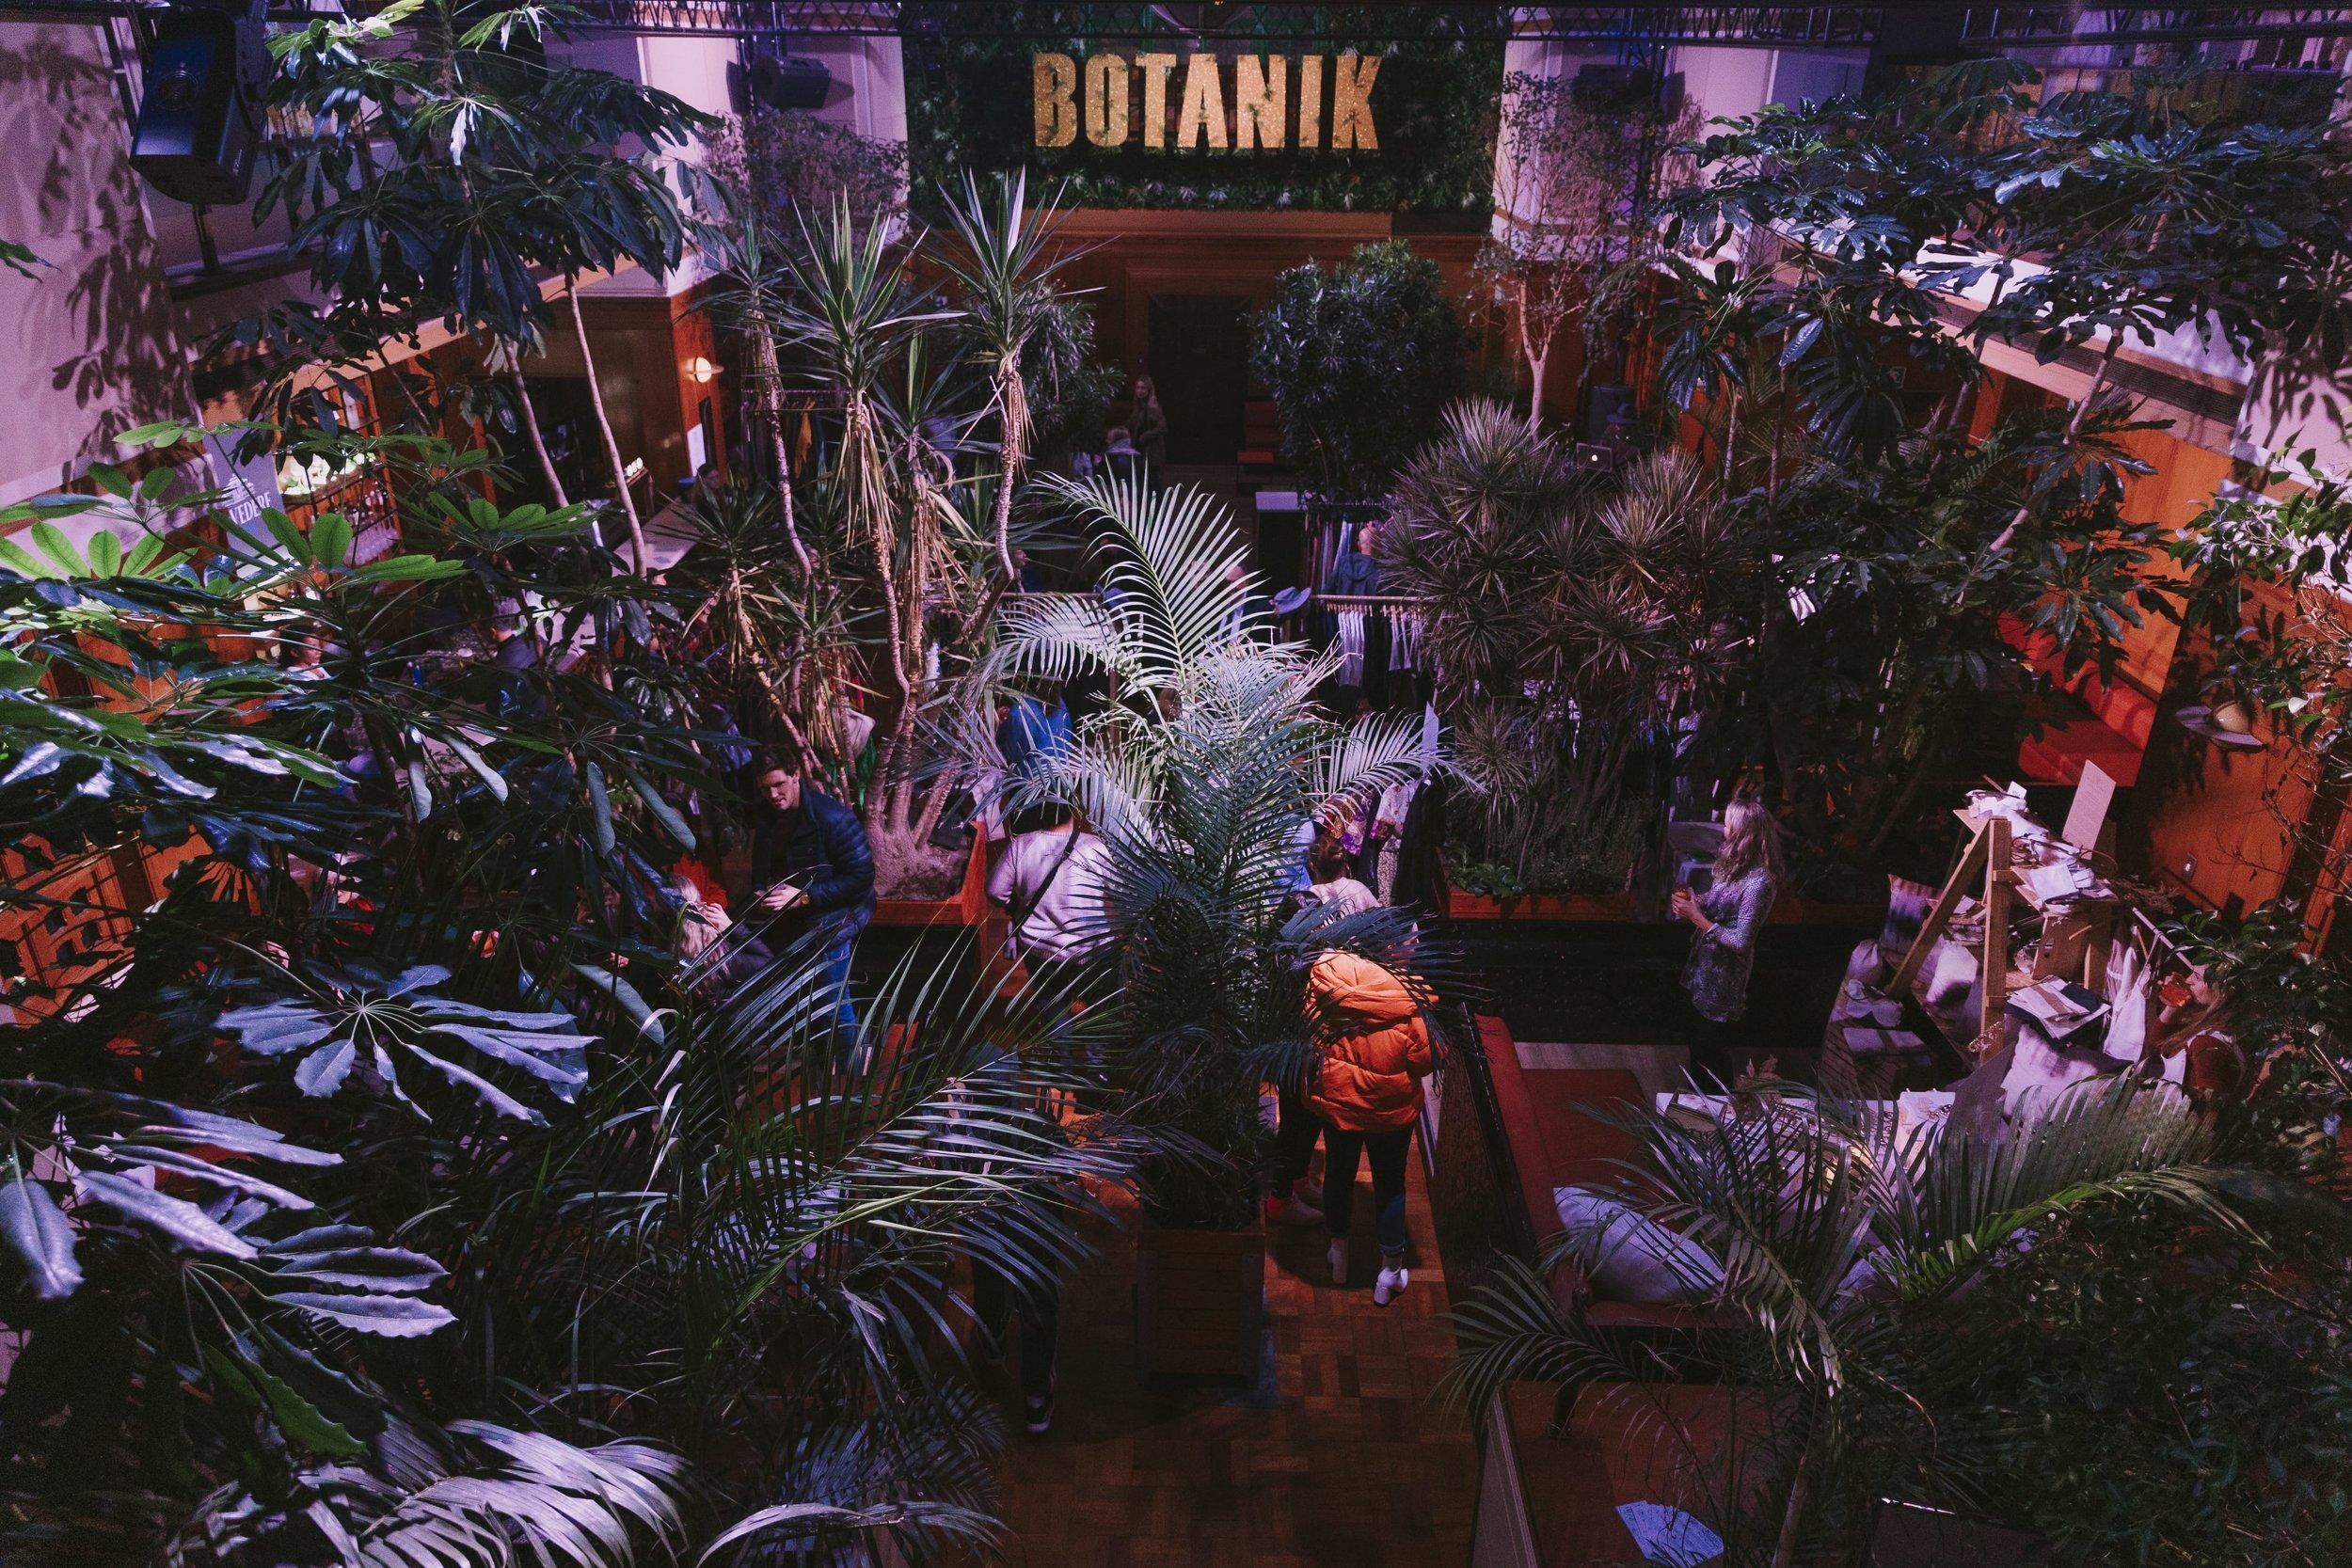 Botanik Social House_Belvedere_04-07-2019-23-min.jpg